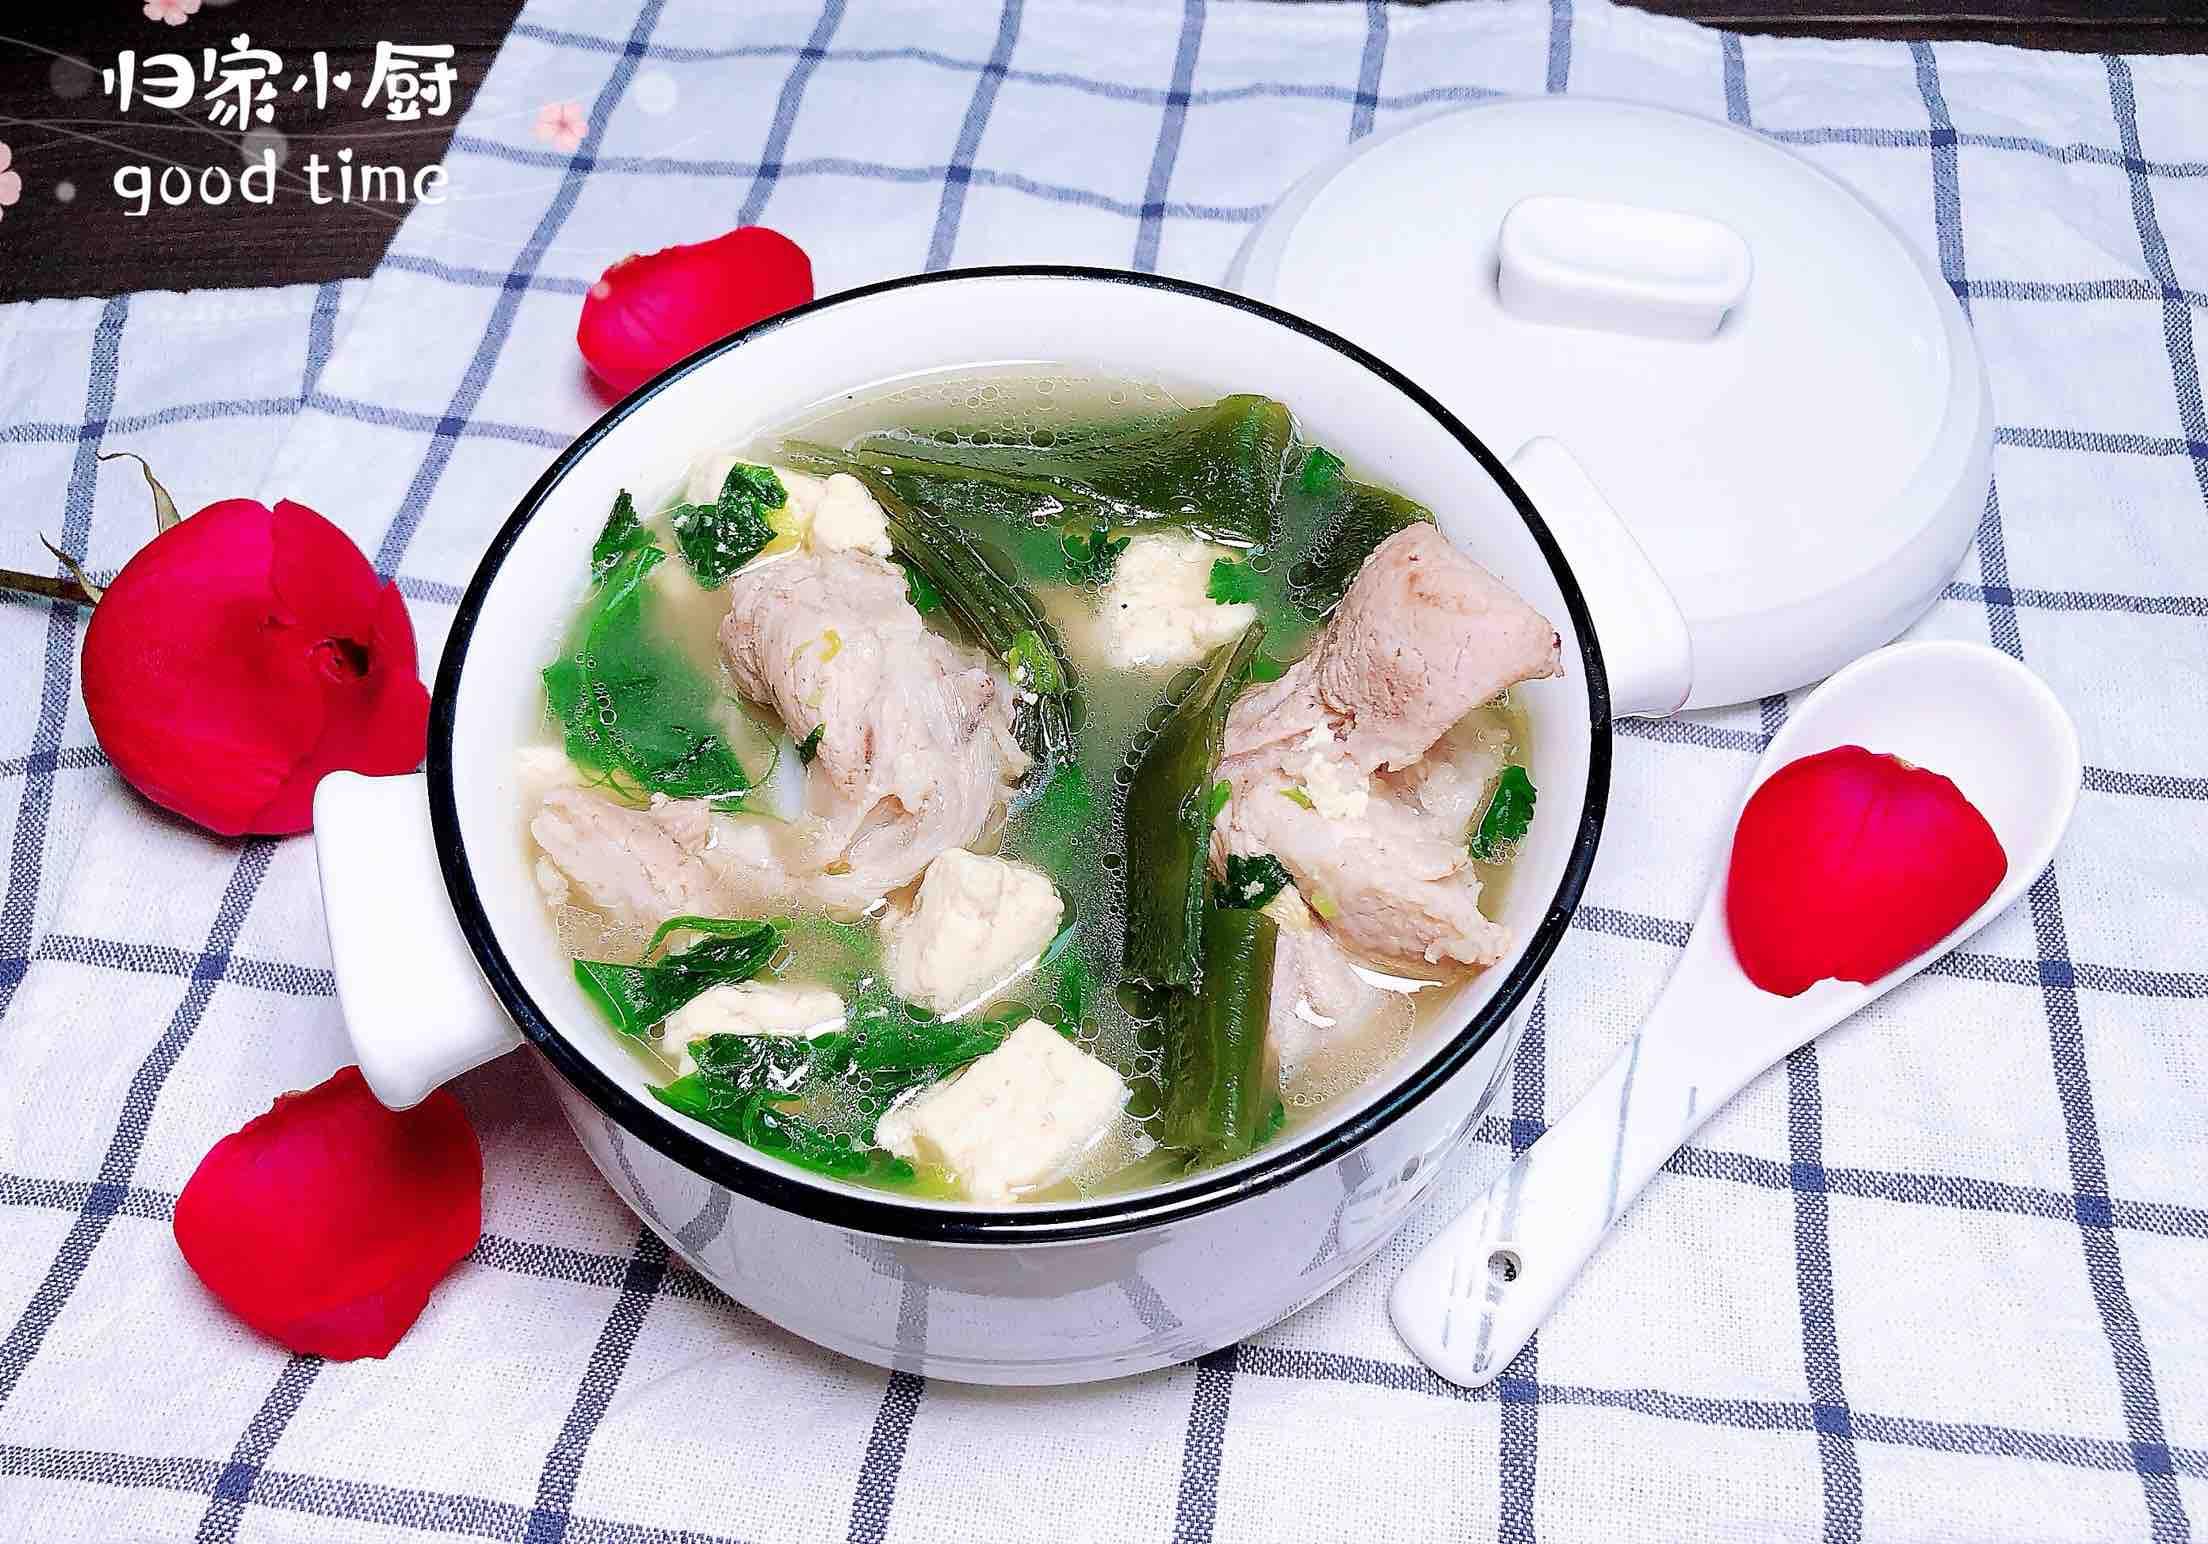 海带棒骨汤-长寿靓汤成品图